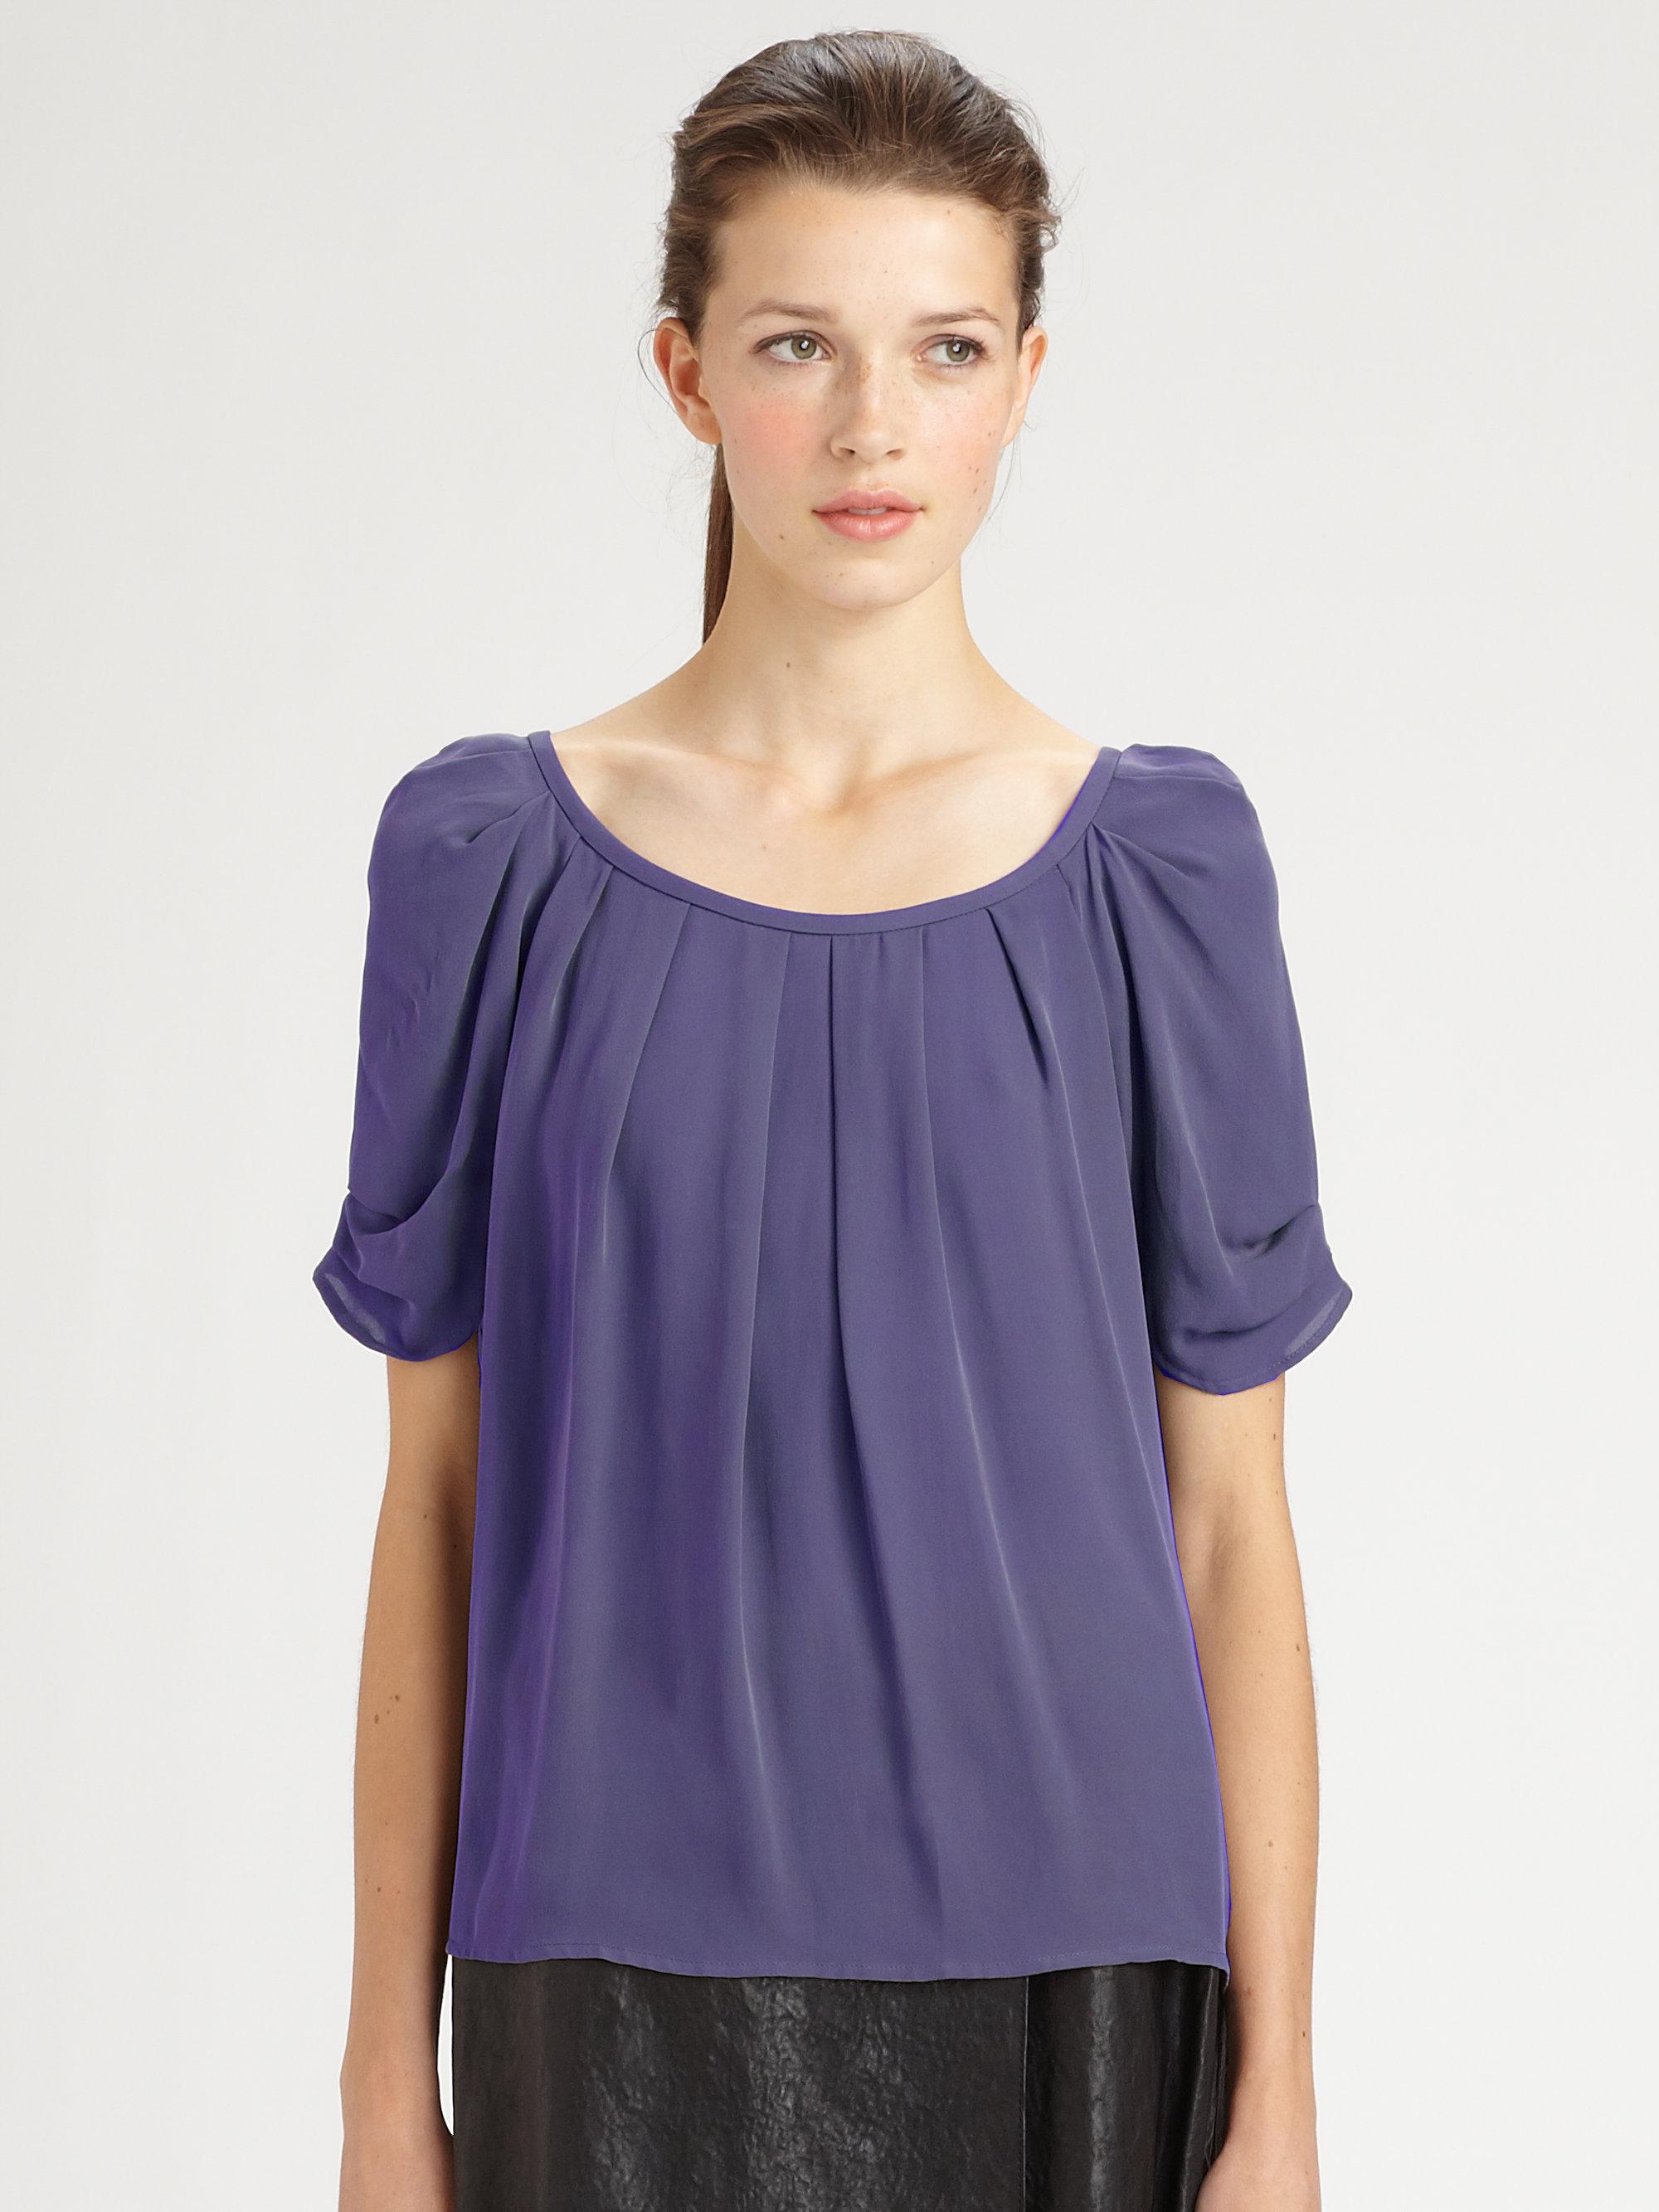 fb0e87035aa29 Purple silk blouse sale lauren goss jpg 2000x2667 Purple silk blouses